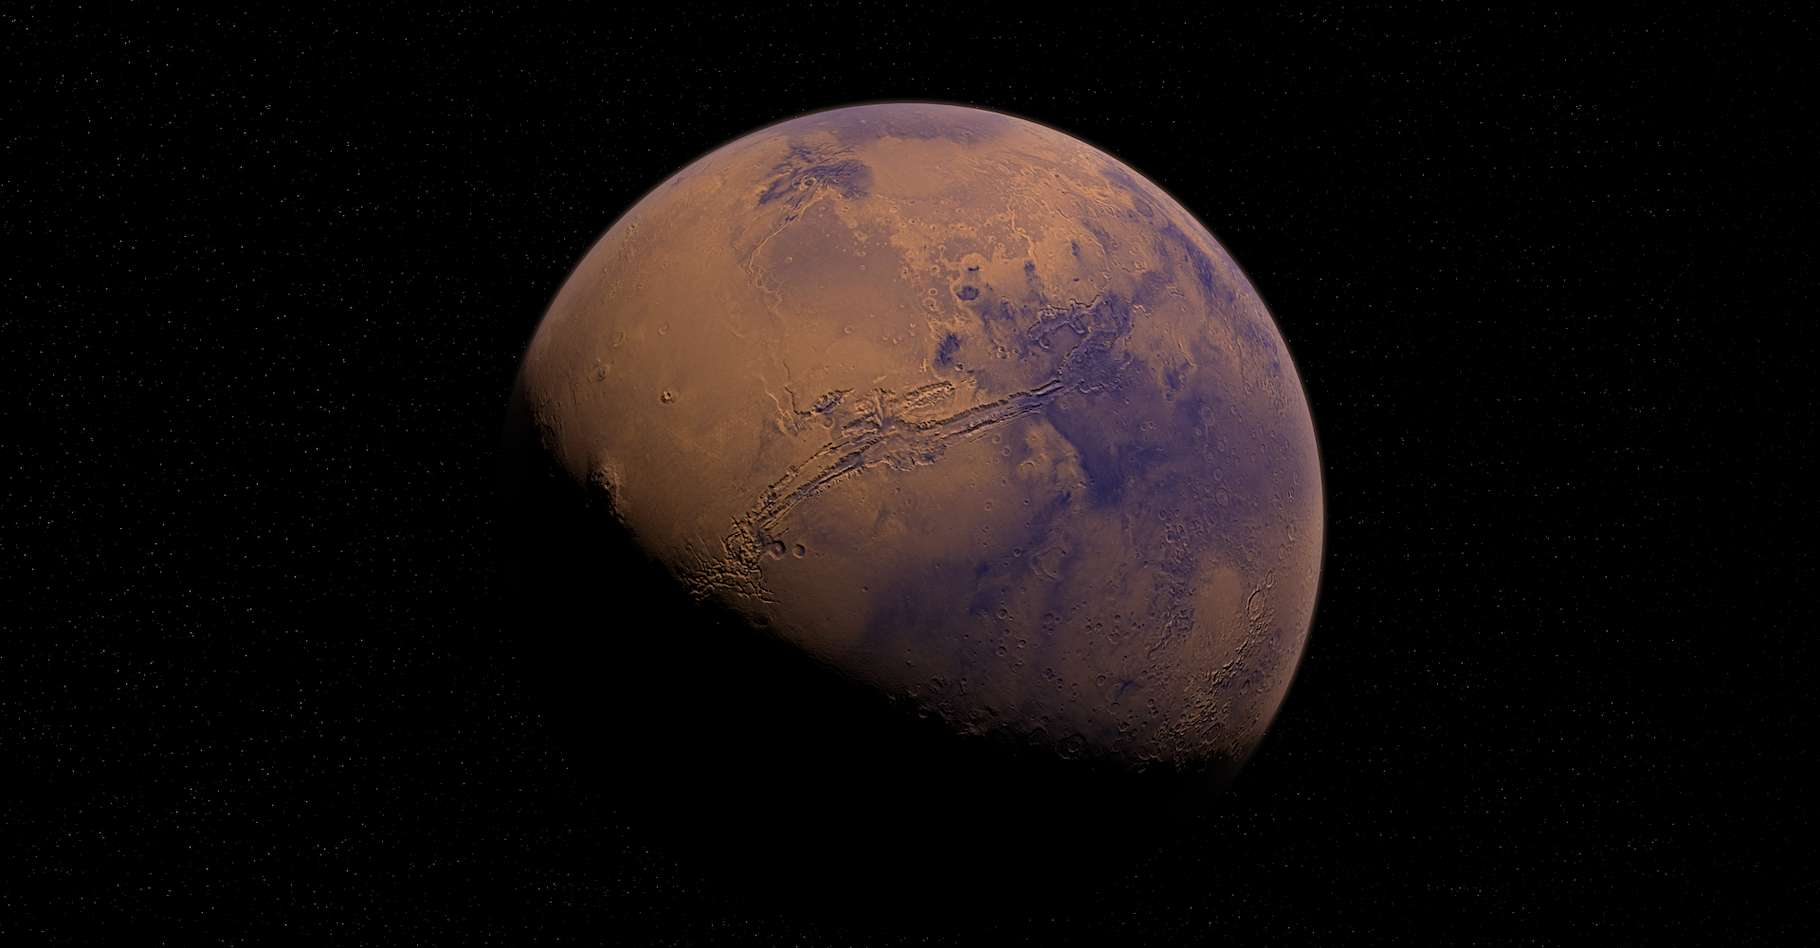 Les chercheurs viennent de révéler des images spectaculaires de Mars prises par ExoMars Trace Gas Orbiter (TGO). © Alexntropov86, Pixabay License